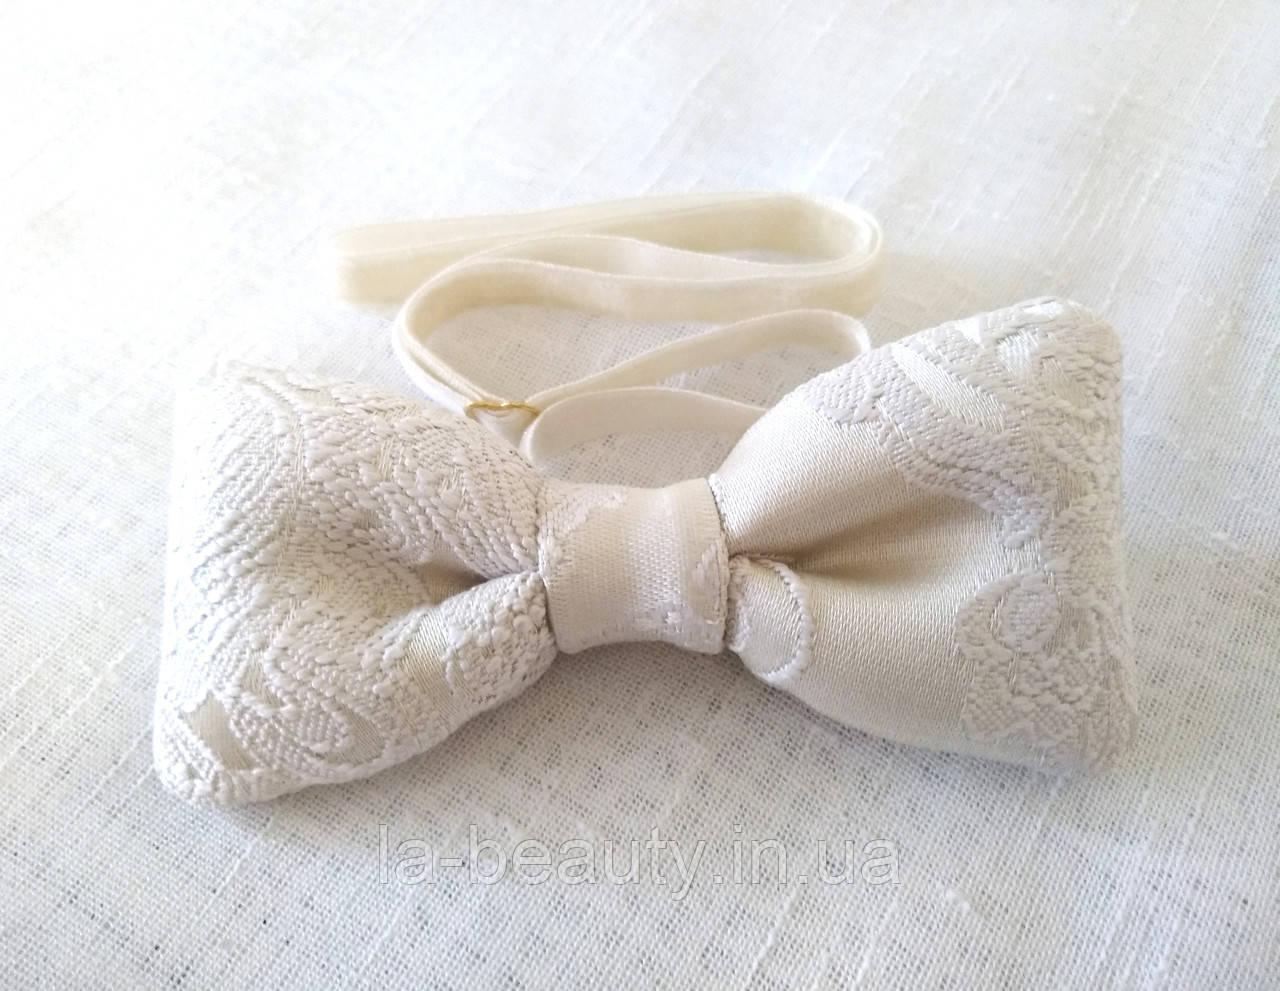 Дизайнерский галстук - бабочка для мужчины, женщины, мальчика айвори (молочный)